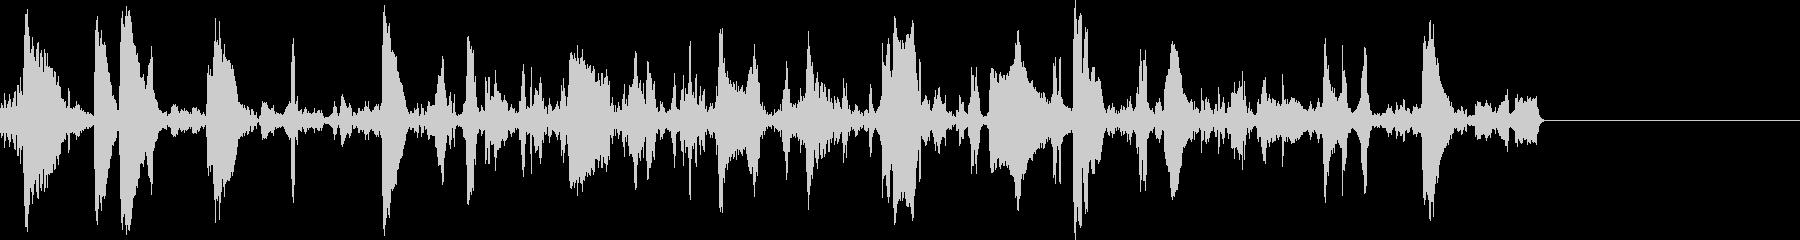 ブクブク・泡の音の未再生の波形